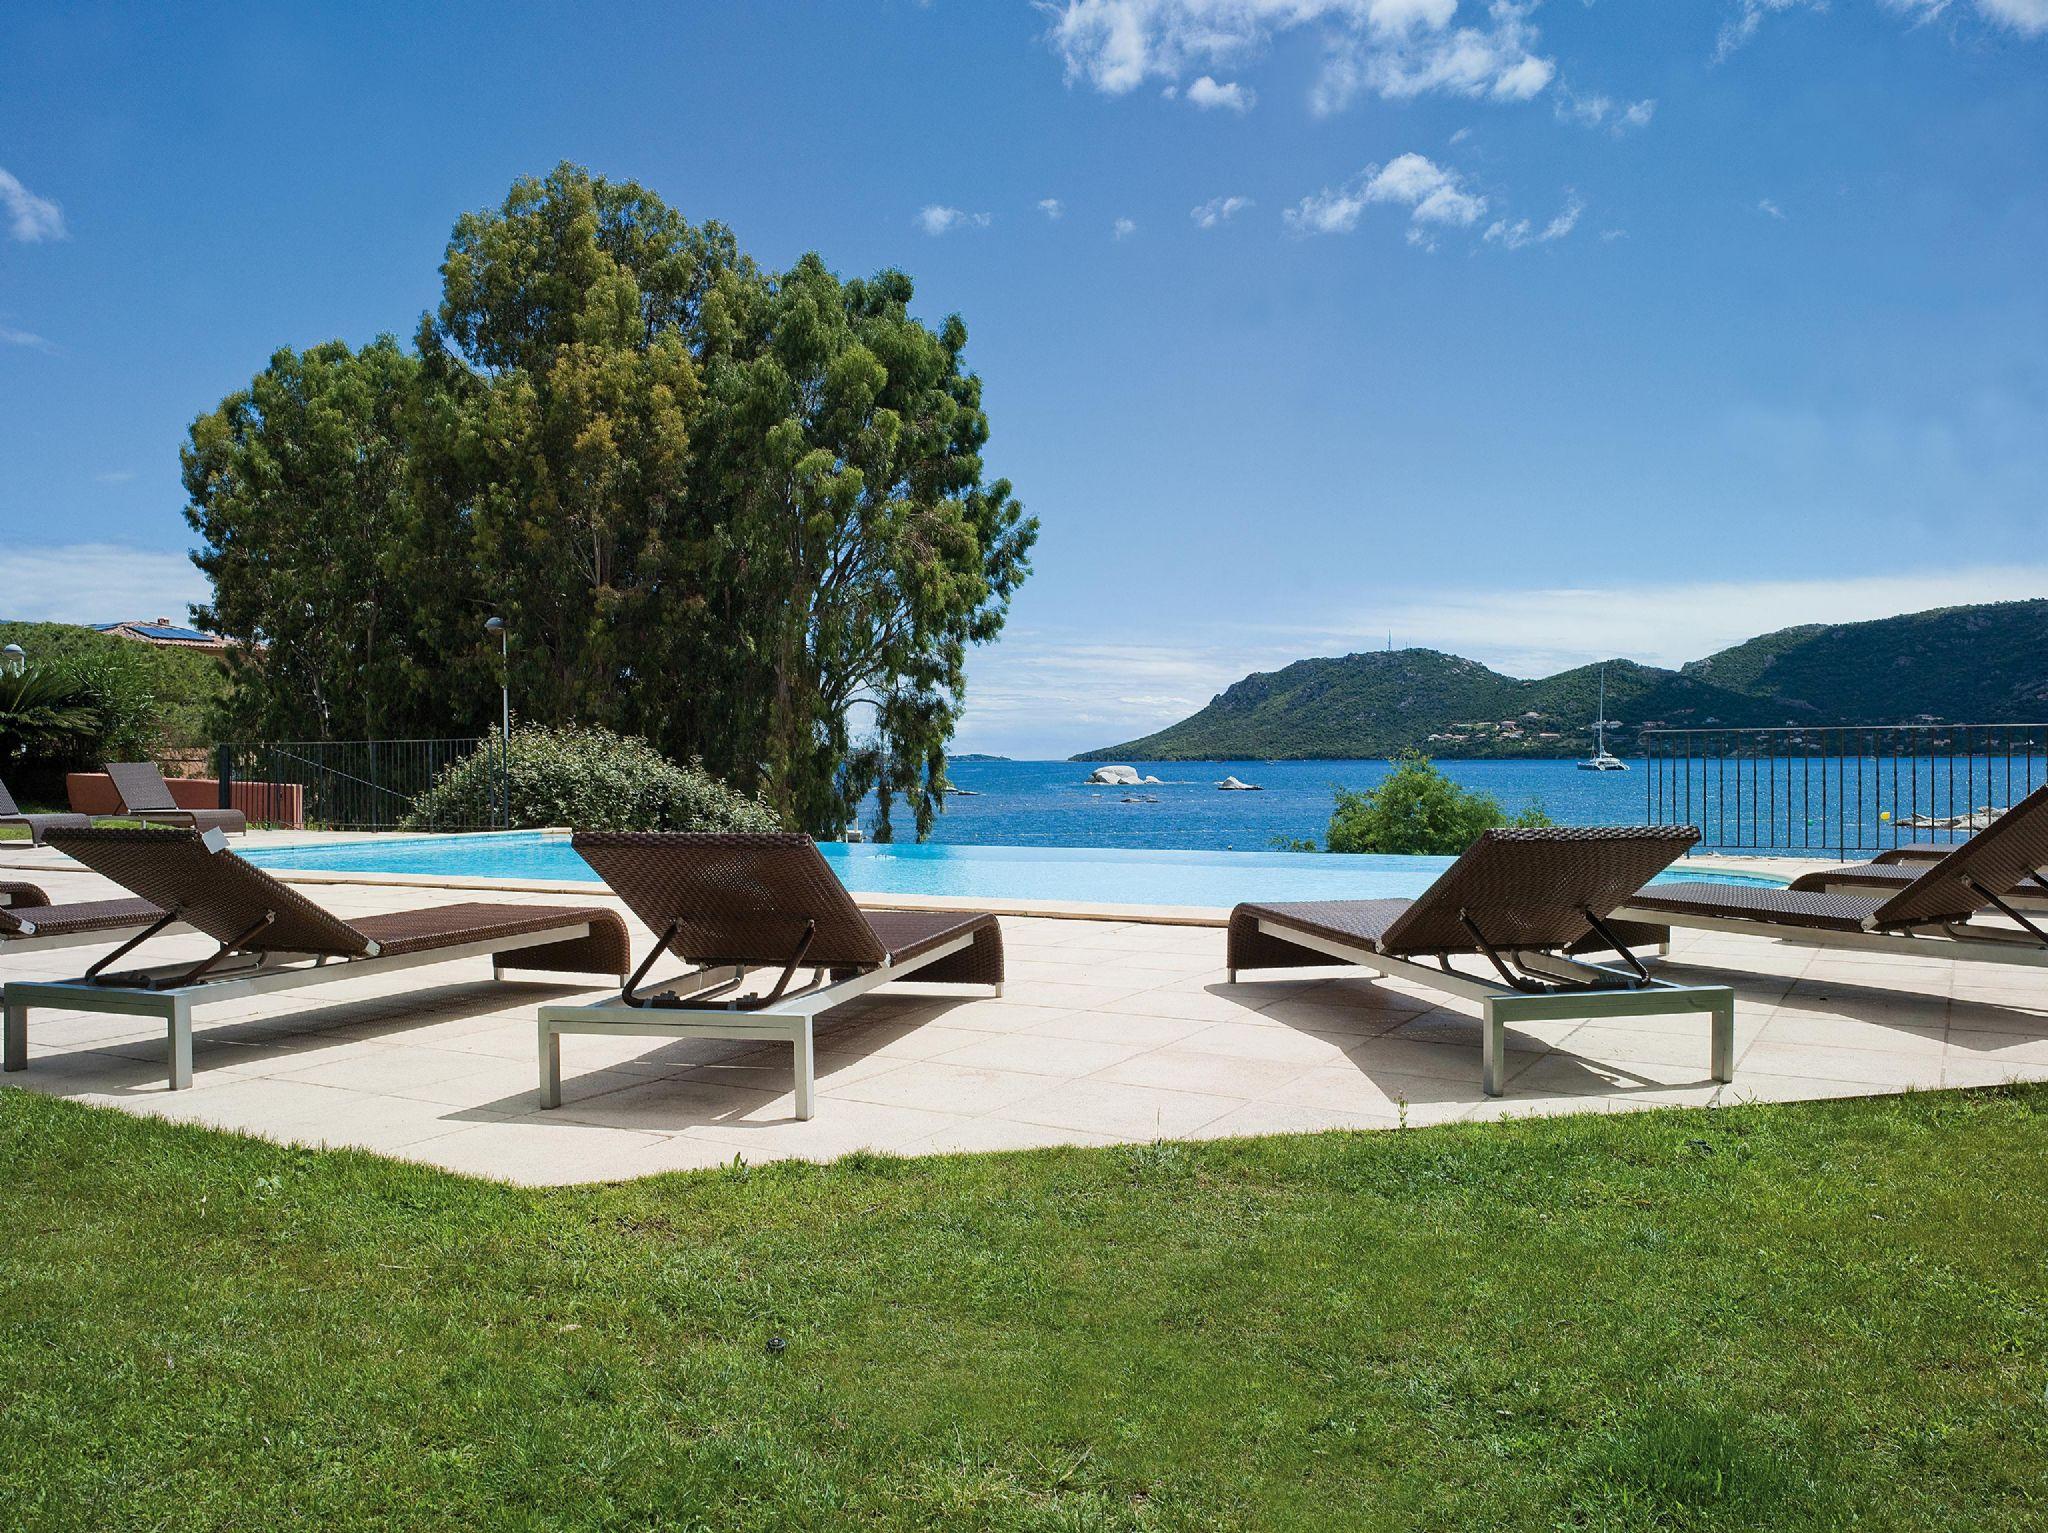 Shegara hotels porto vecchio south corsica for Hotels corse